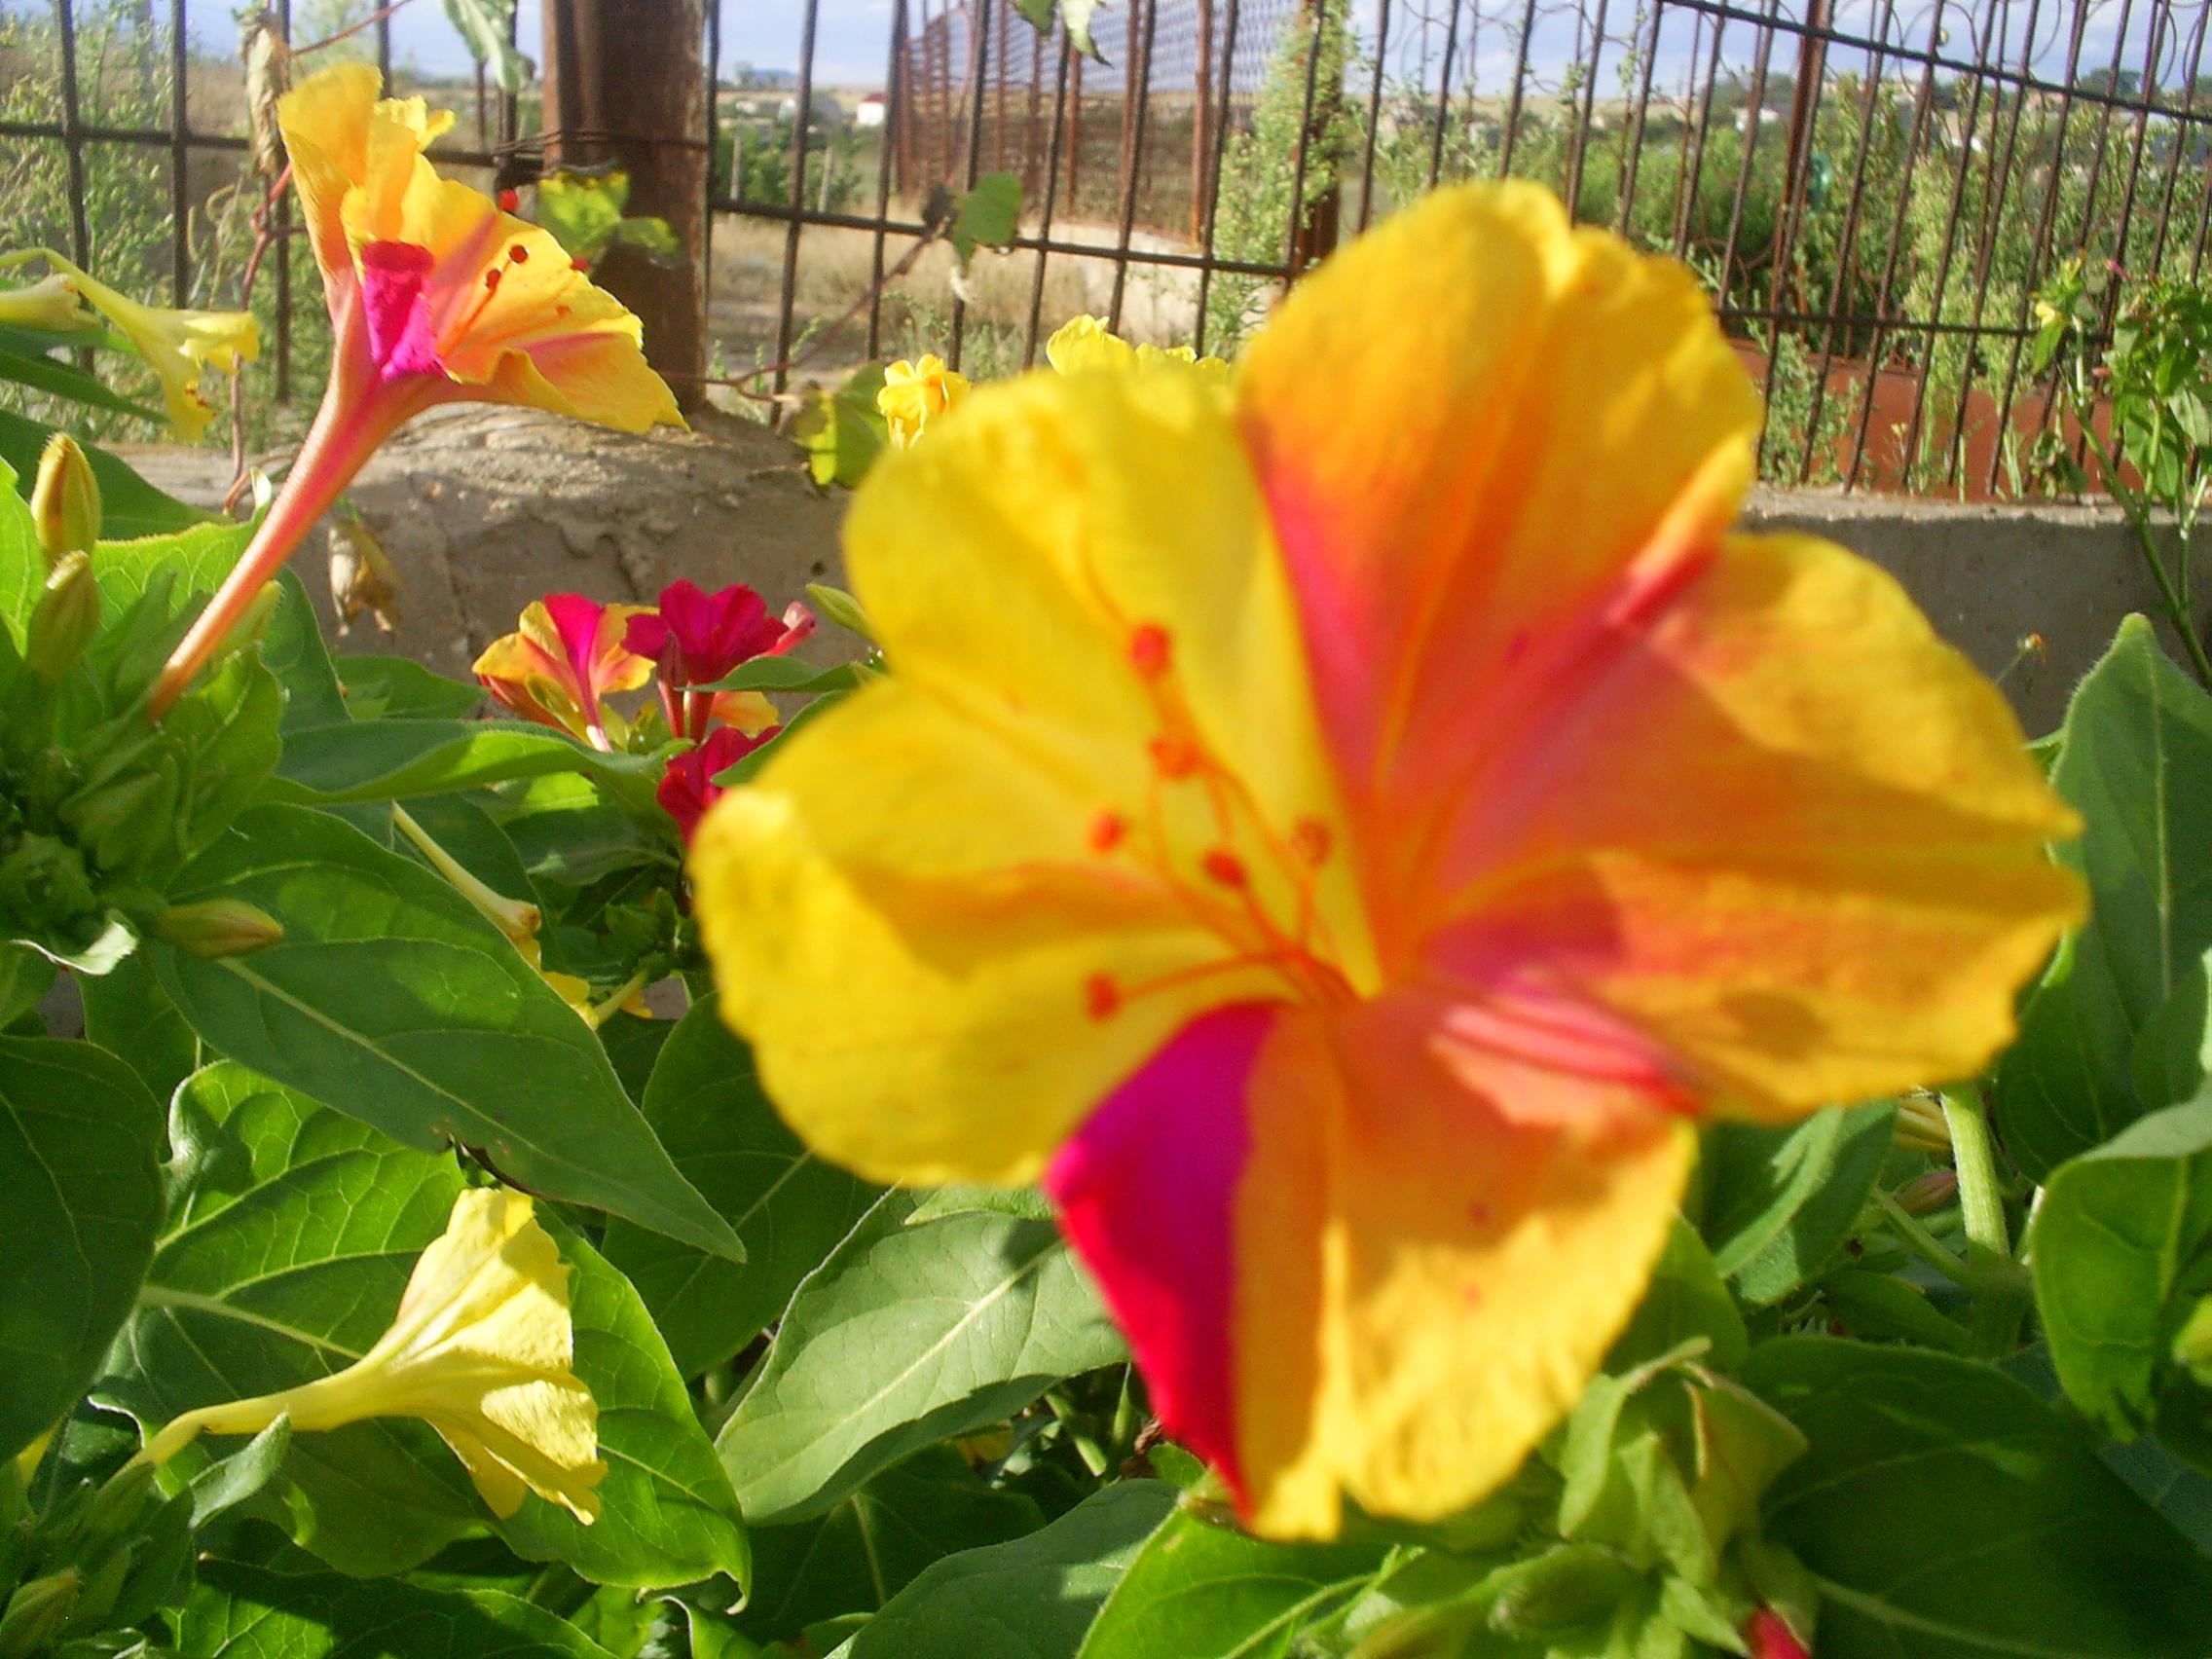 счастье цветок утренняя зорька фото плетеной